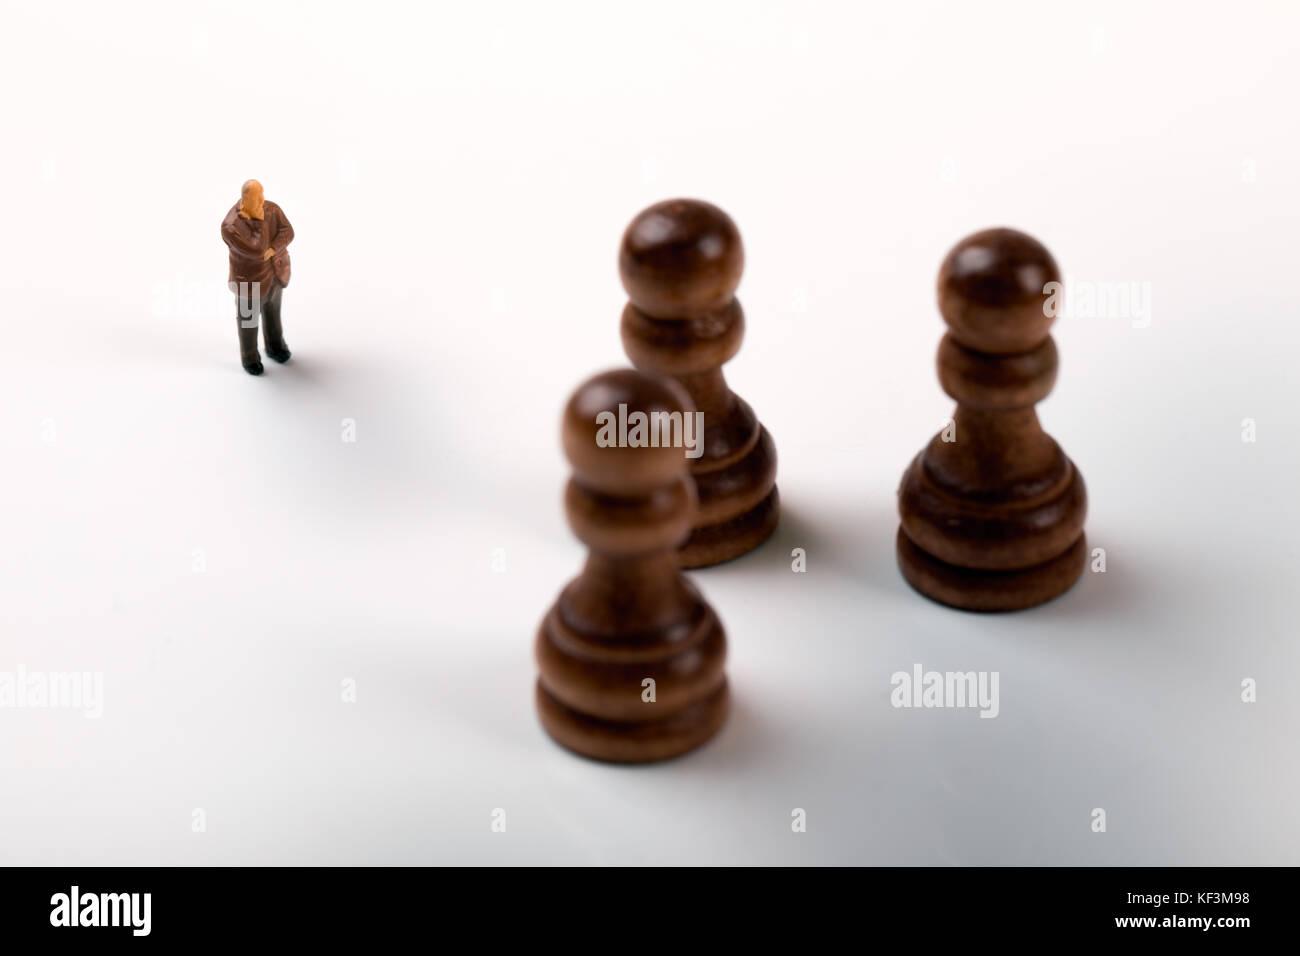 El concepto de estrategia de negocios - empresario de pie delante de piezas de ajedrez Imagen De Stock